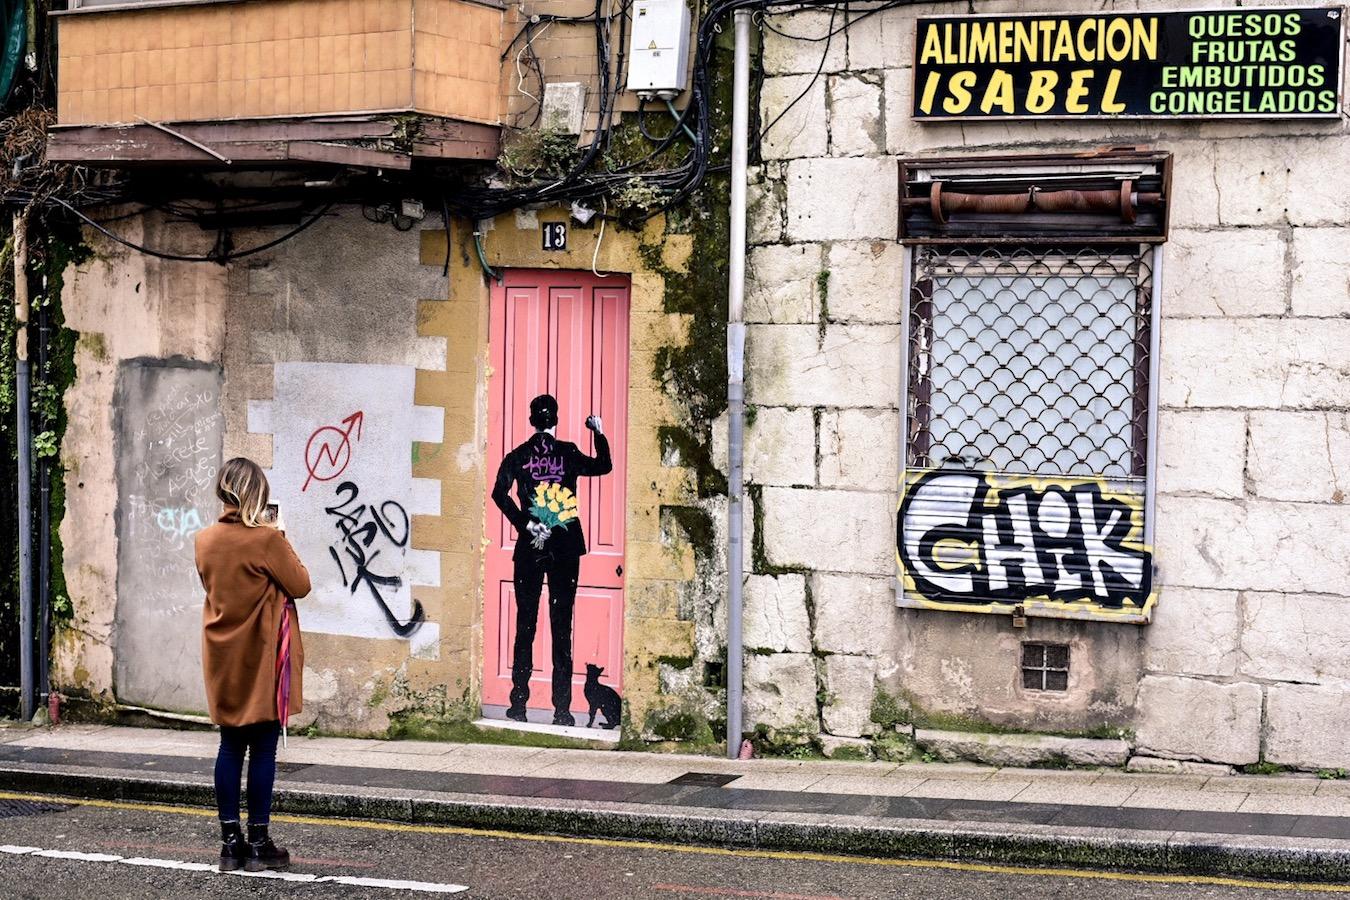 Street art in Santander, northern Spain